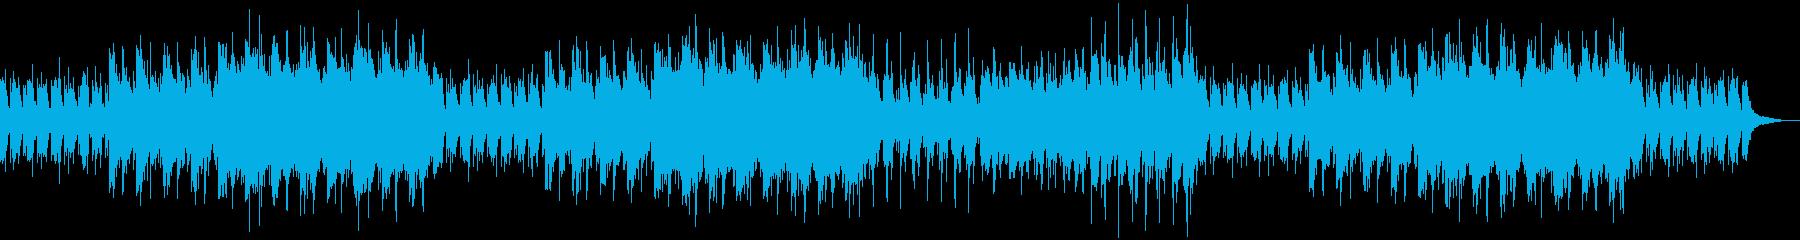 メロディーが美しいバラード調のBGMの再生済みの波形